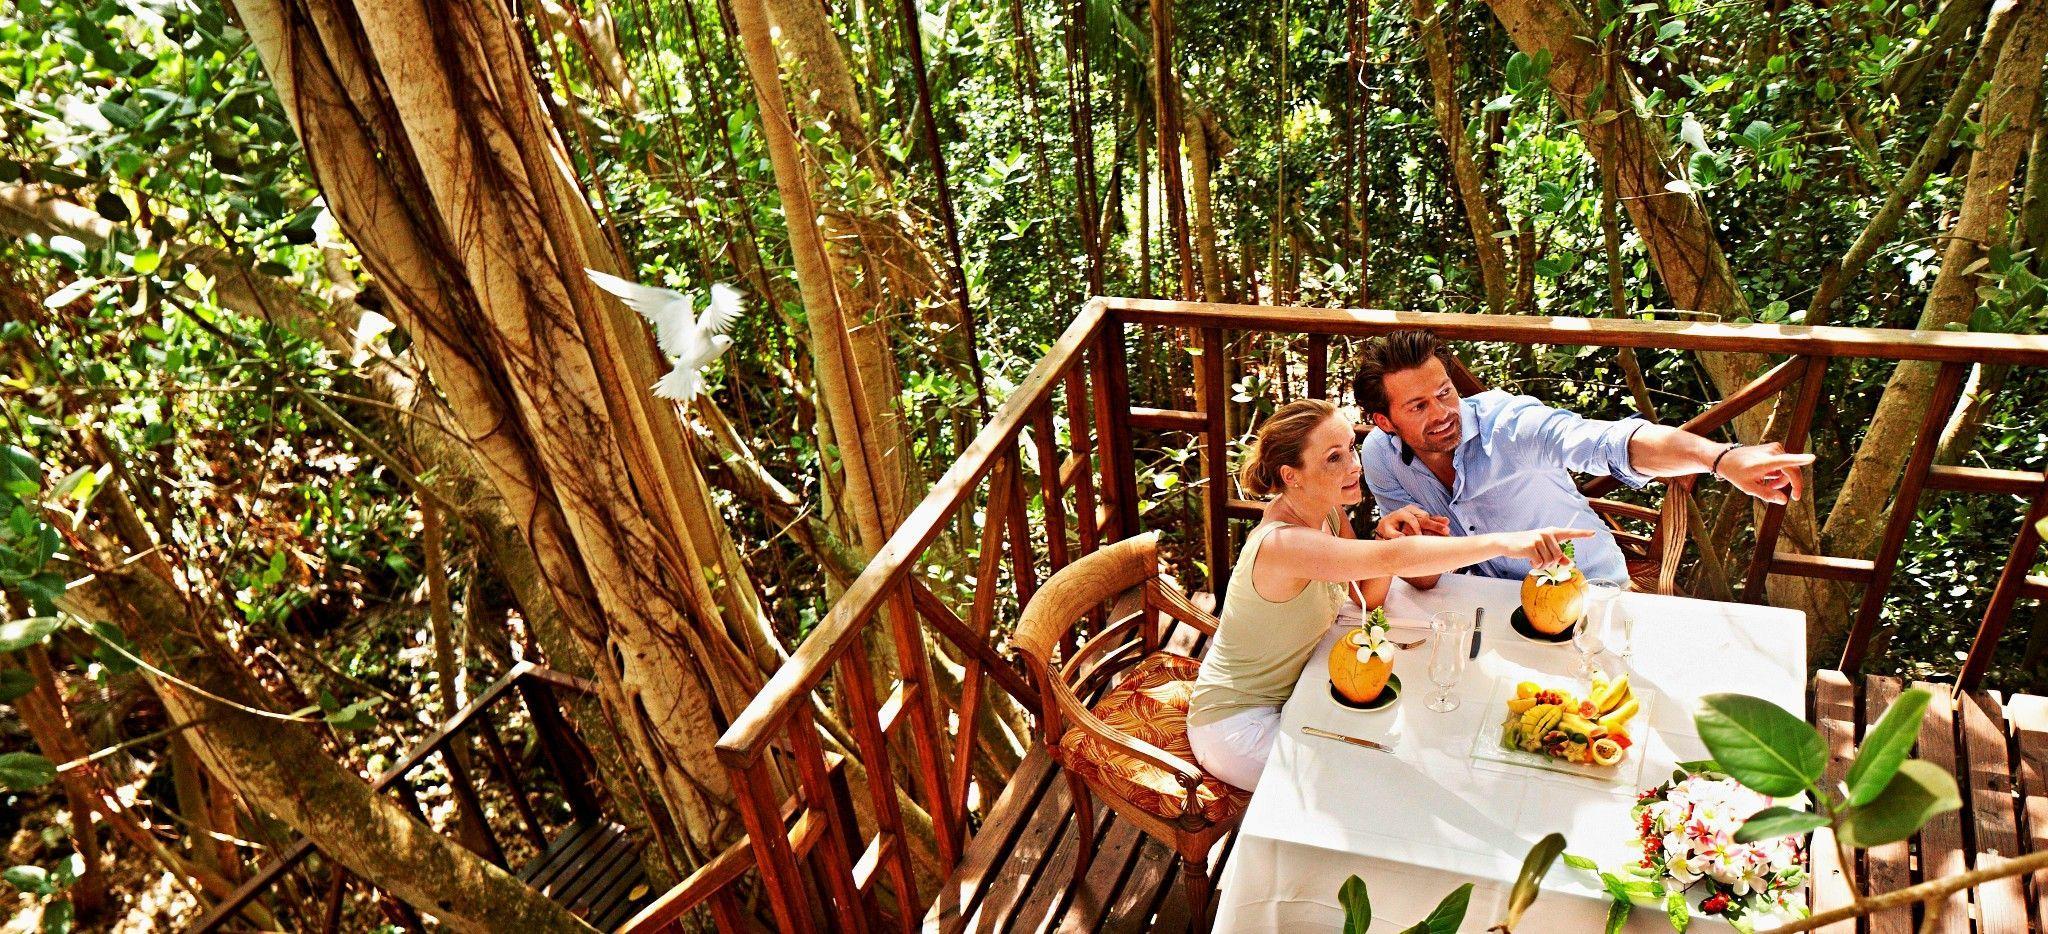 Ein Paar diniert in einem Banyan-Baum auf Frégate Island, Seychellen